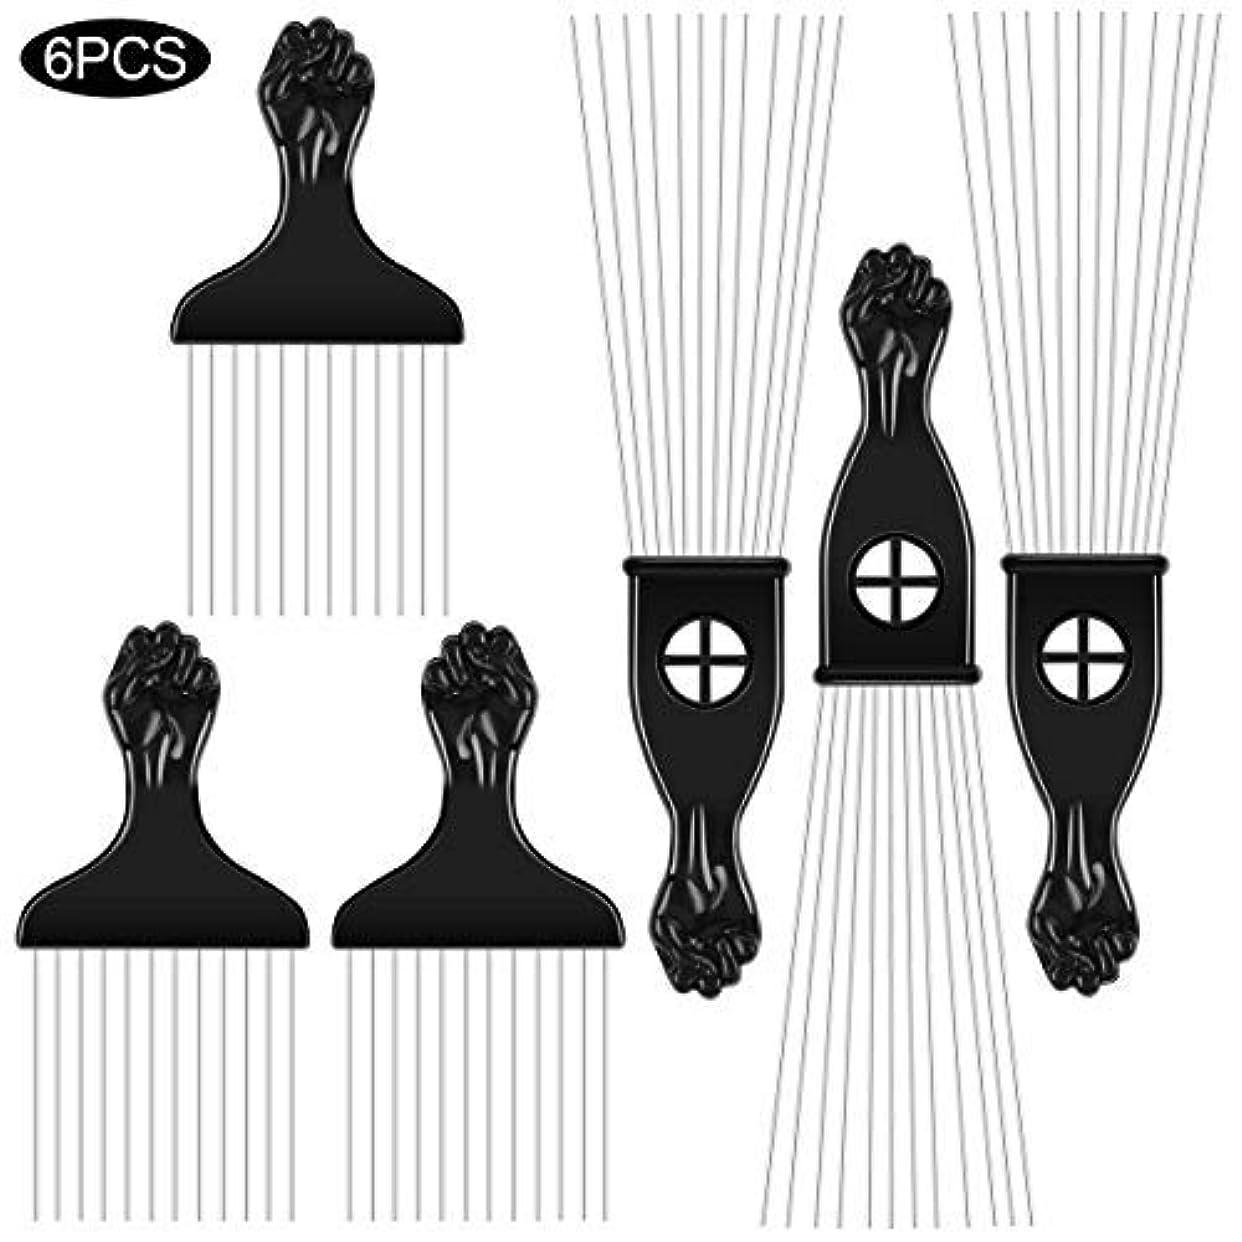 カスタムネスト観察する6PCS Afro Combs Metal African American black Fist Pick Comb Hairdressing Styling Tool [並行輸入品]